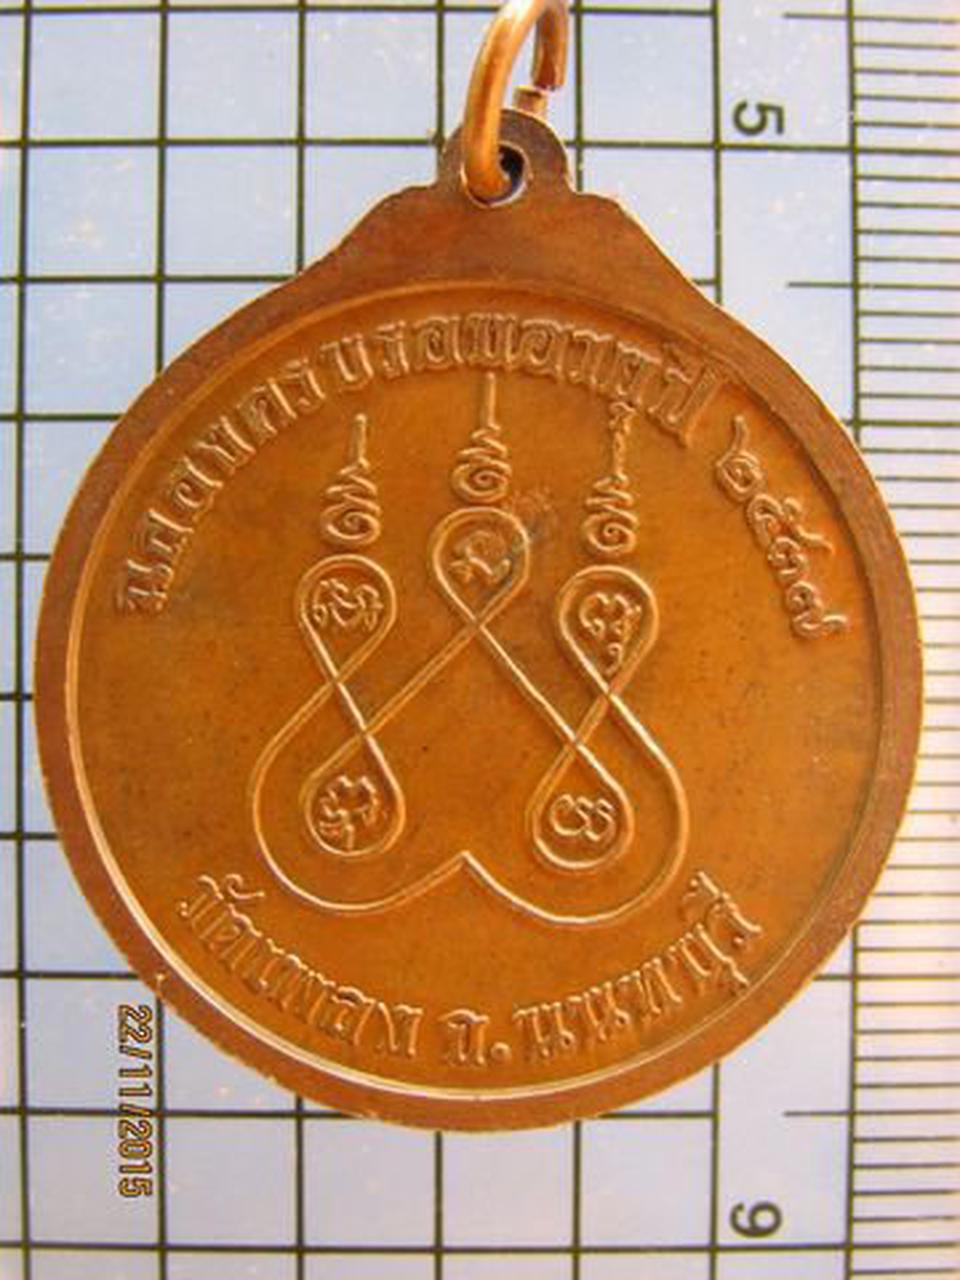 2836 เหรียญหลวงพ่อครูบาศรีนวล หลังยันต์ห้า วัดเพลง ปี 37 จ.น รูปที่ 1